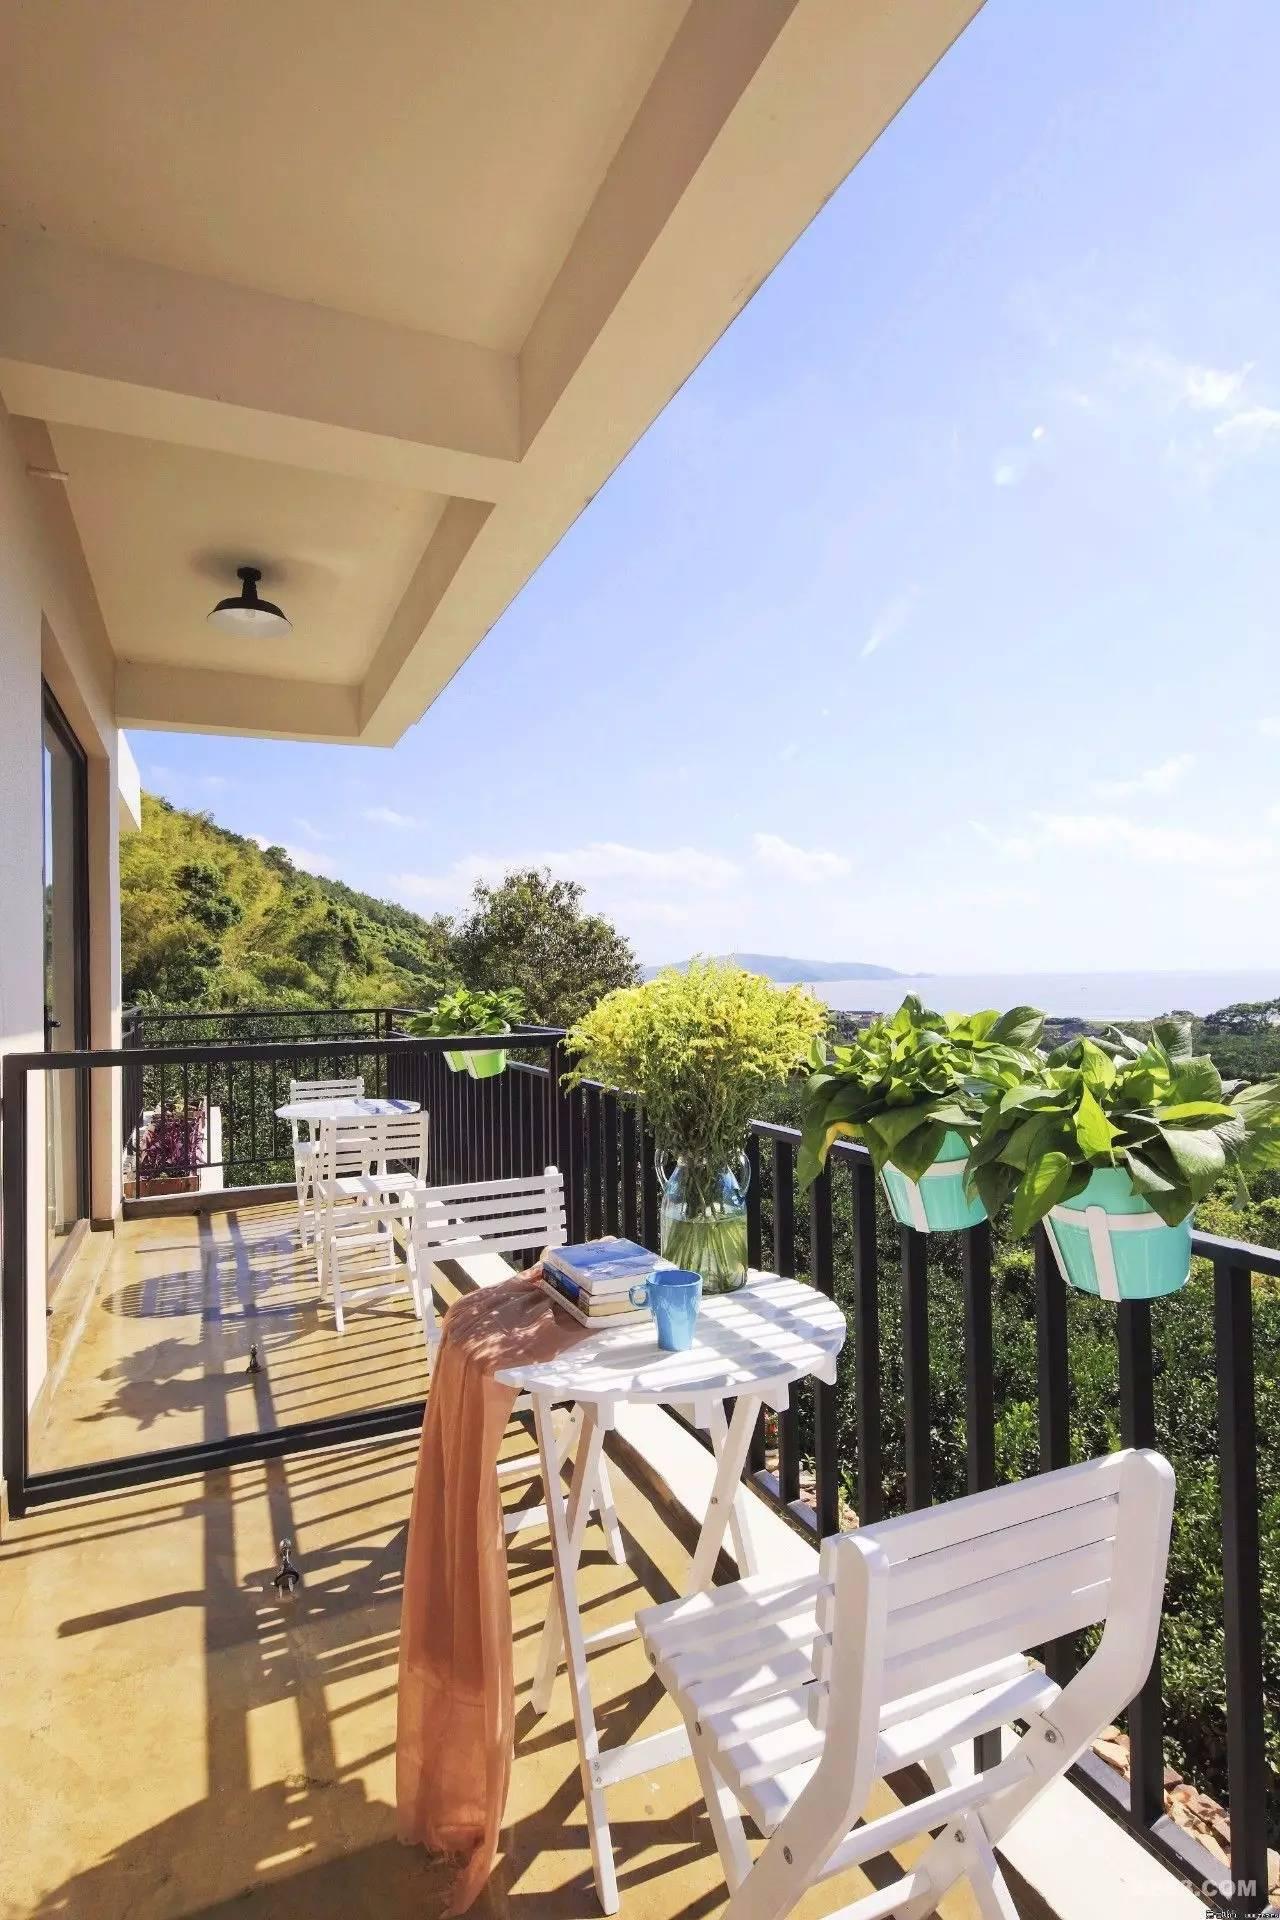 落地窗、阳光房、无边泳池…浙8个超美的海岛黄河人家别墅图片